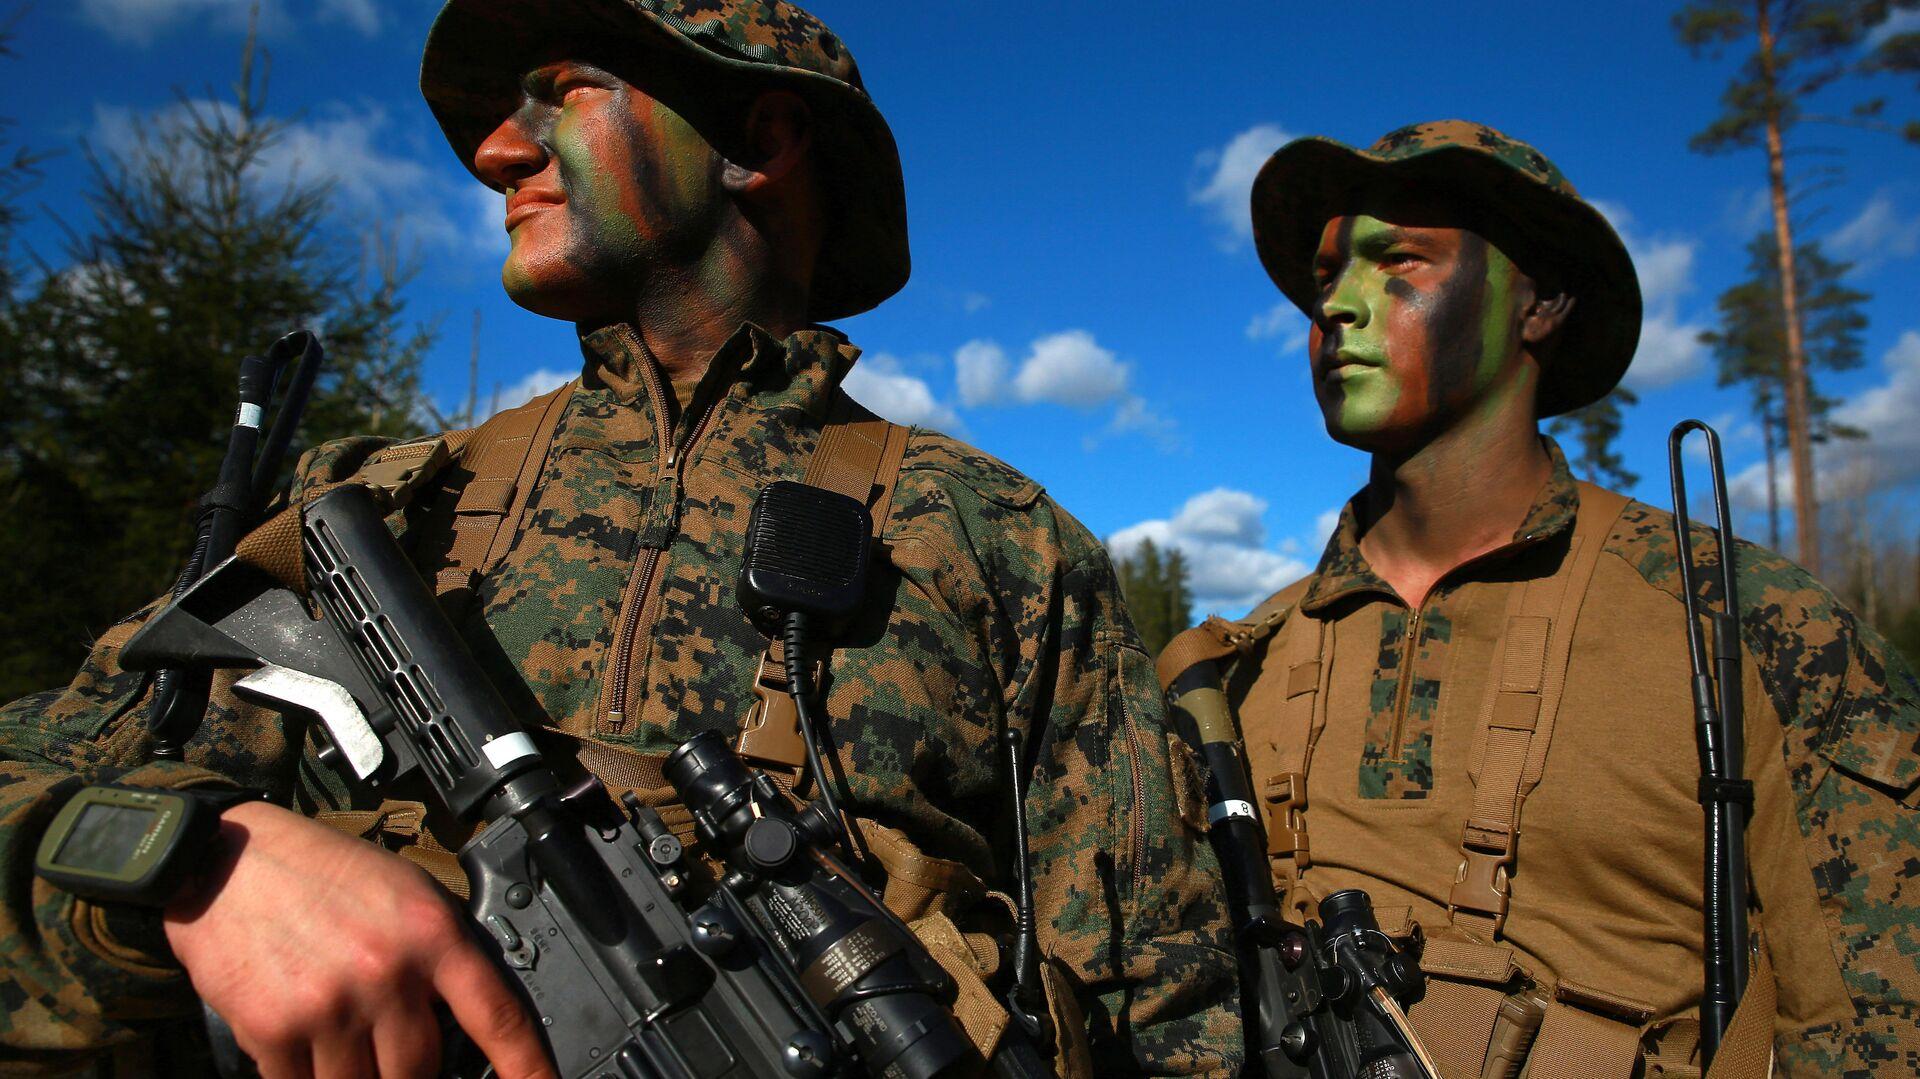 Военнослужащие армии США во время совместных учений войск НАТО в Эстонии - РИА Новости, 1920, 04.03.2021